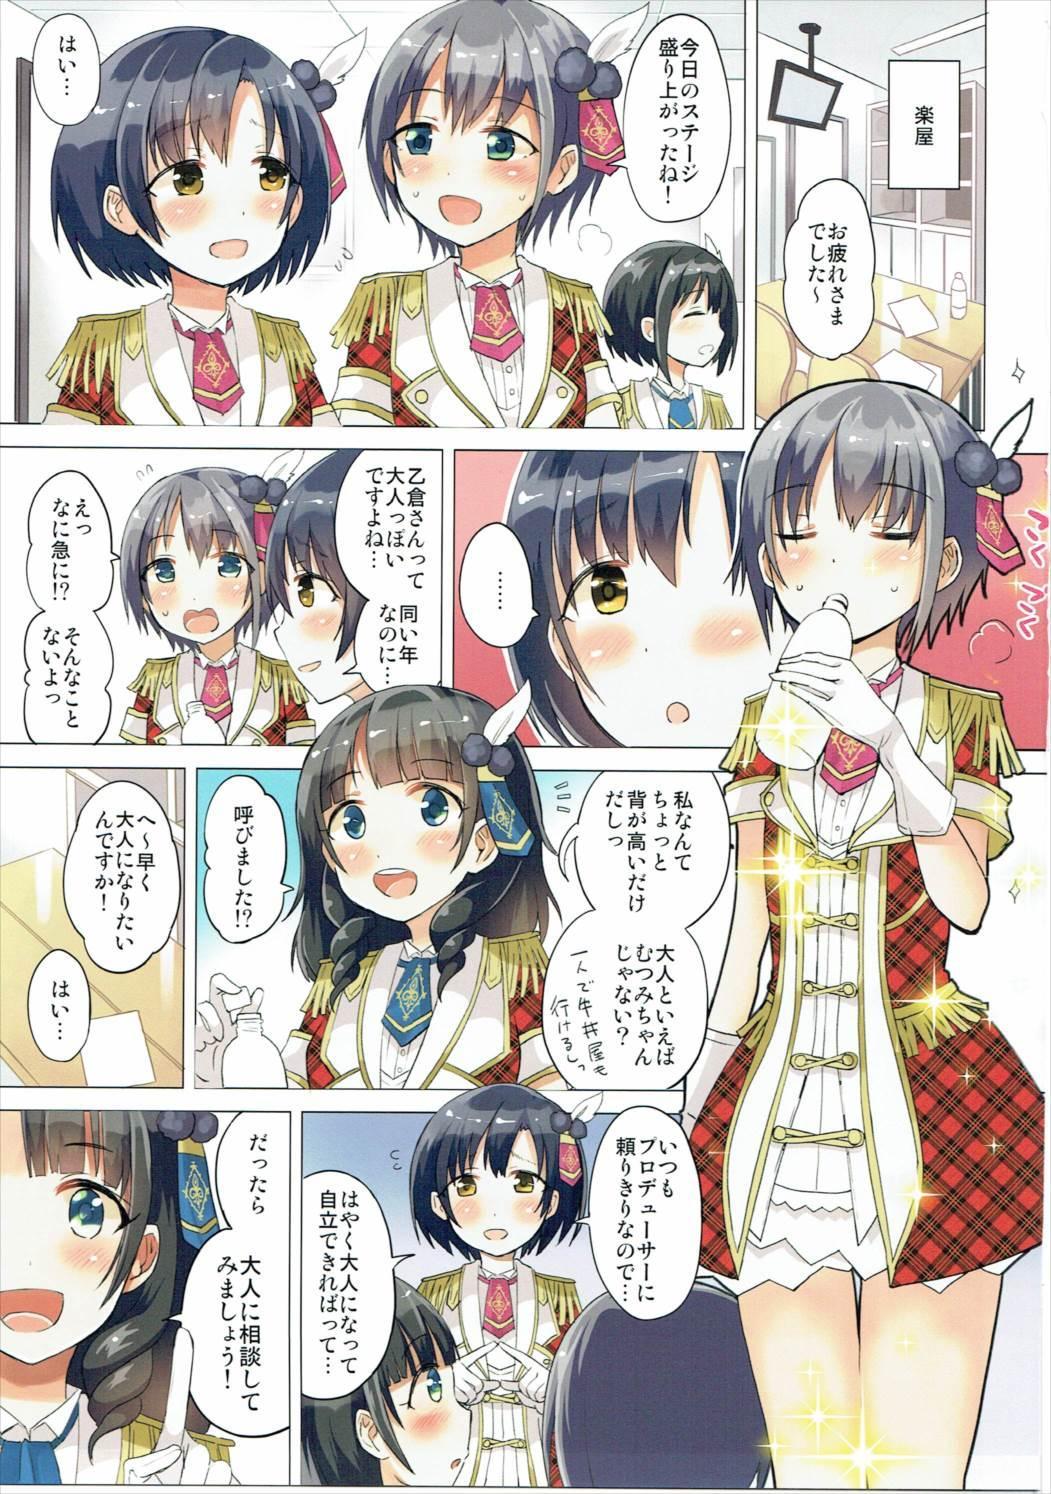 Hotaru-chan o Otona ni Suru Hon 1